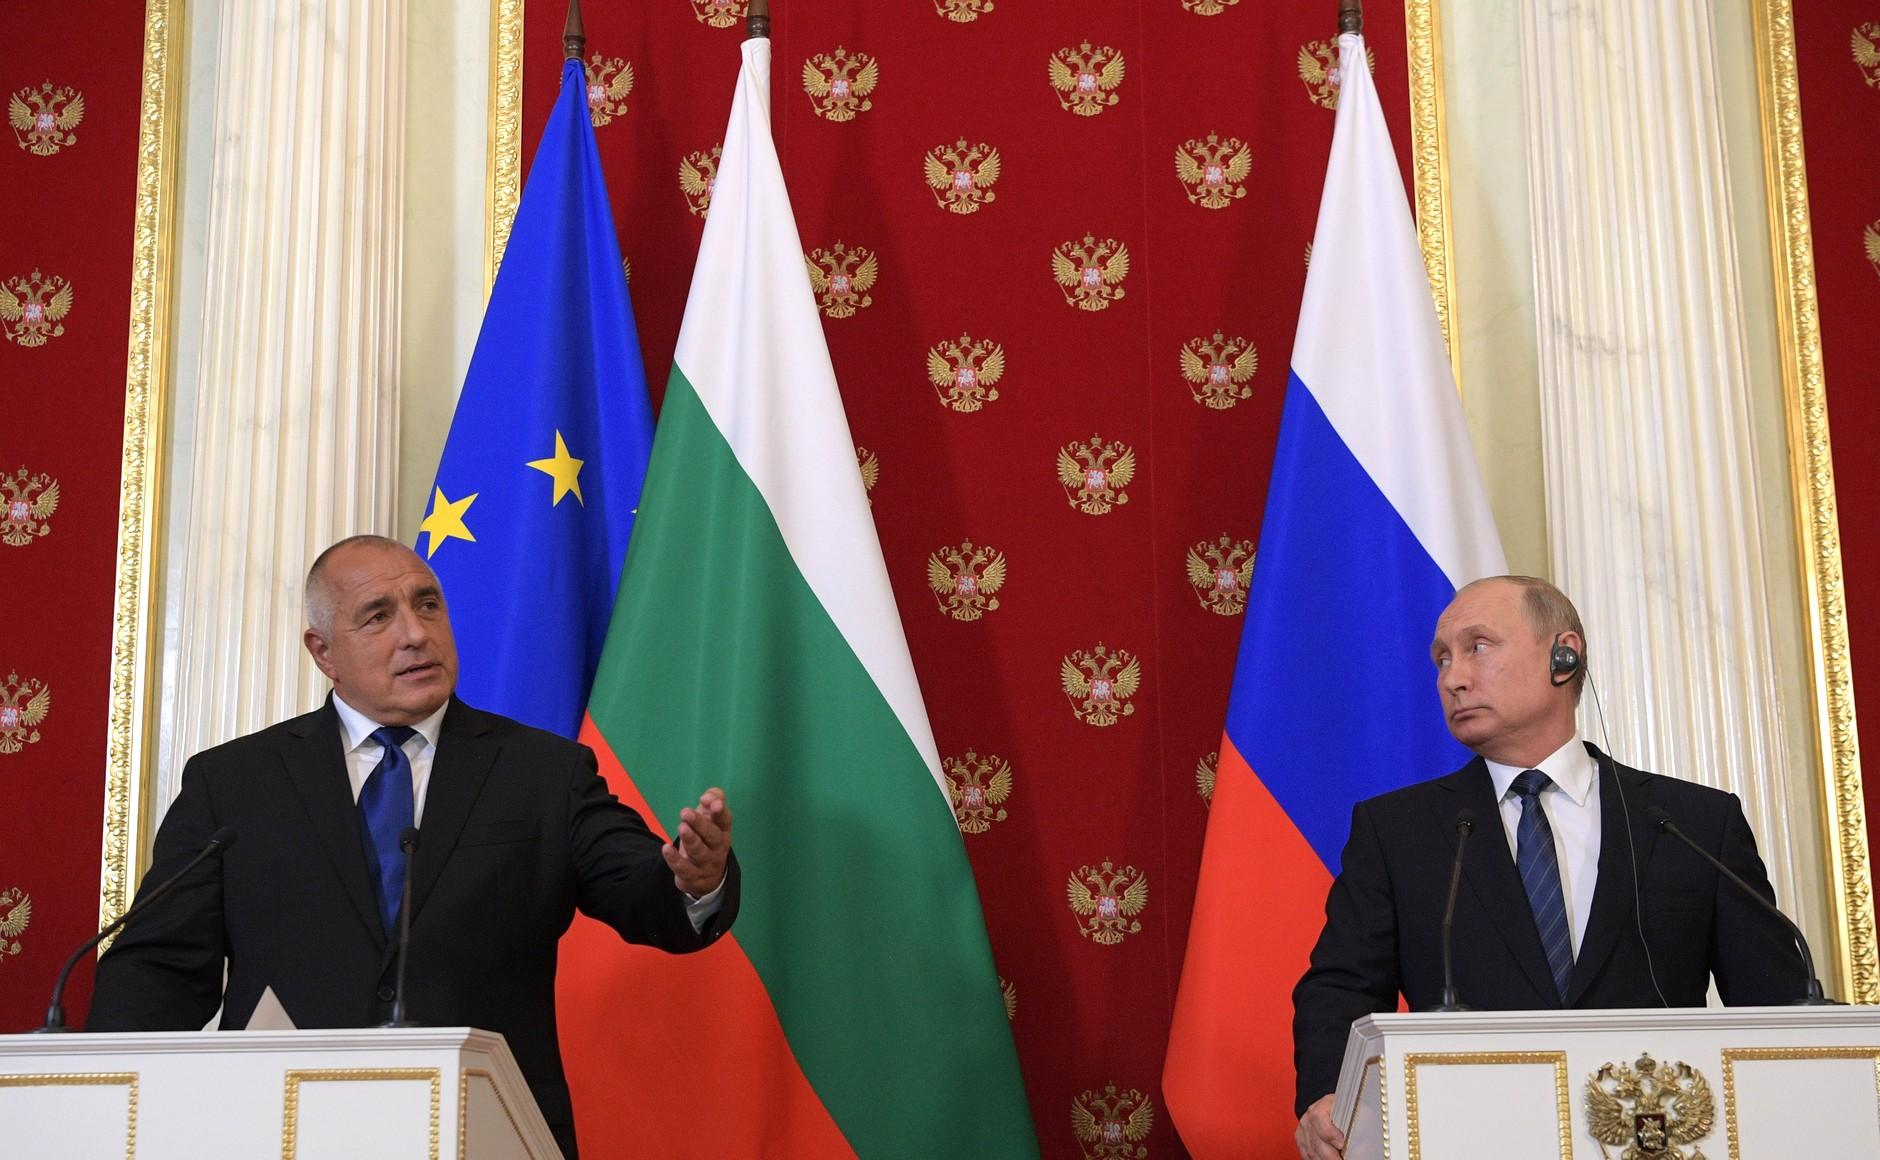 Премьер-министр Болгарии Бойко Борисов на переговорах с Владимиром Путиным, Кремль, 2018 год